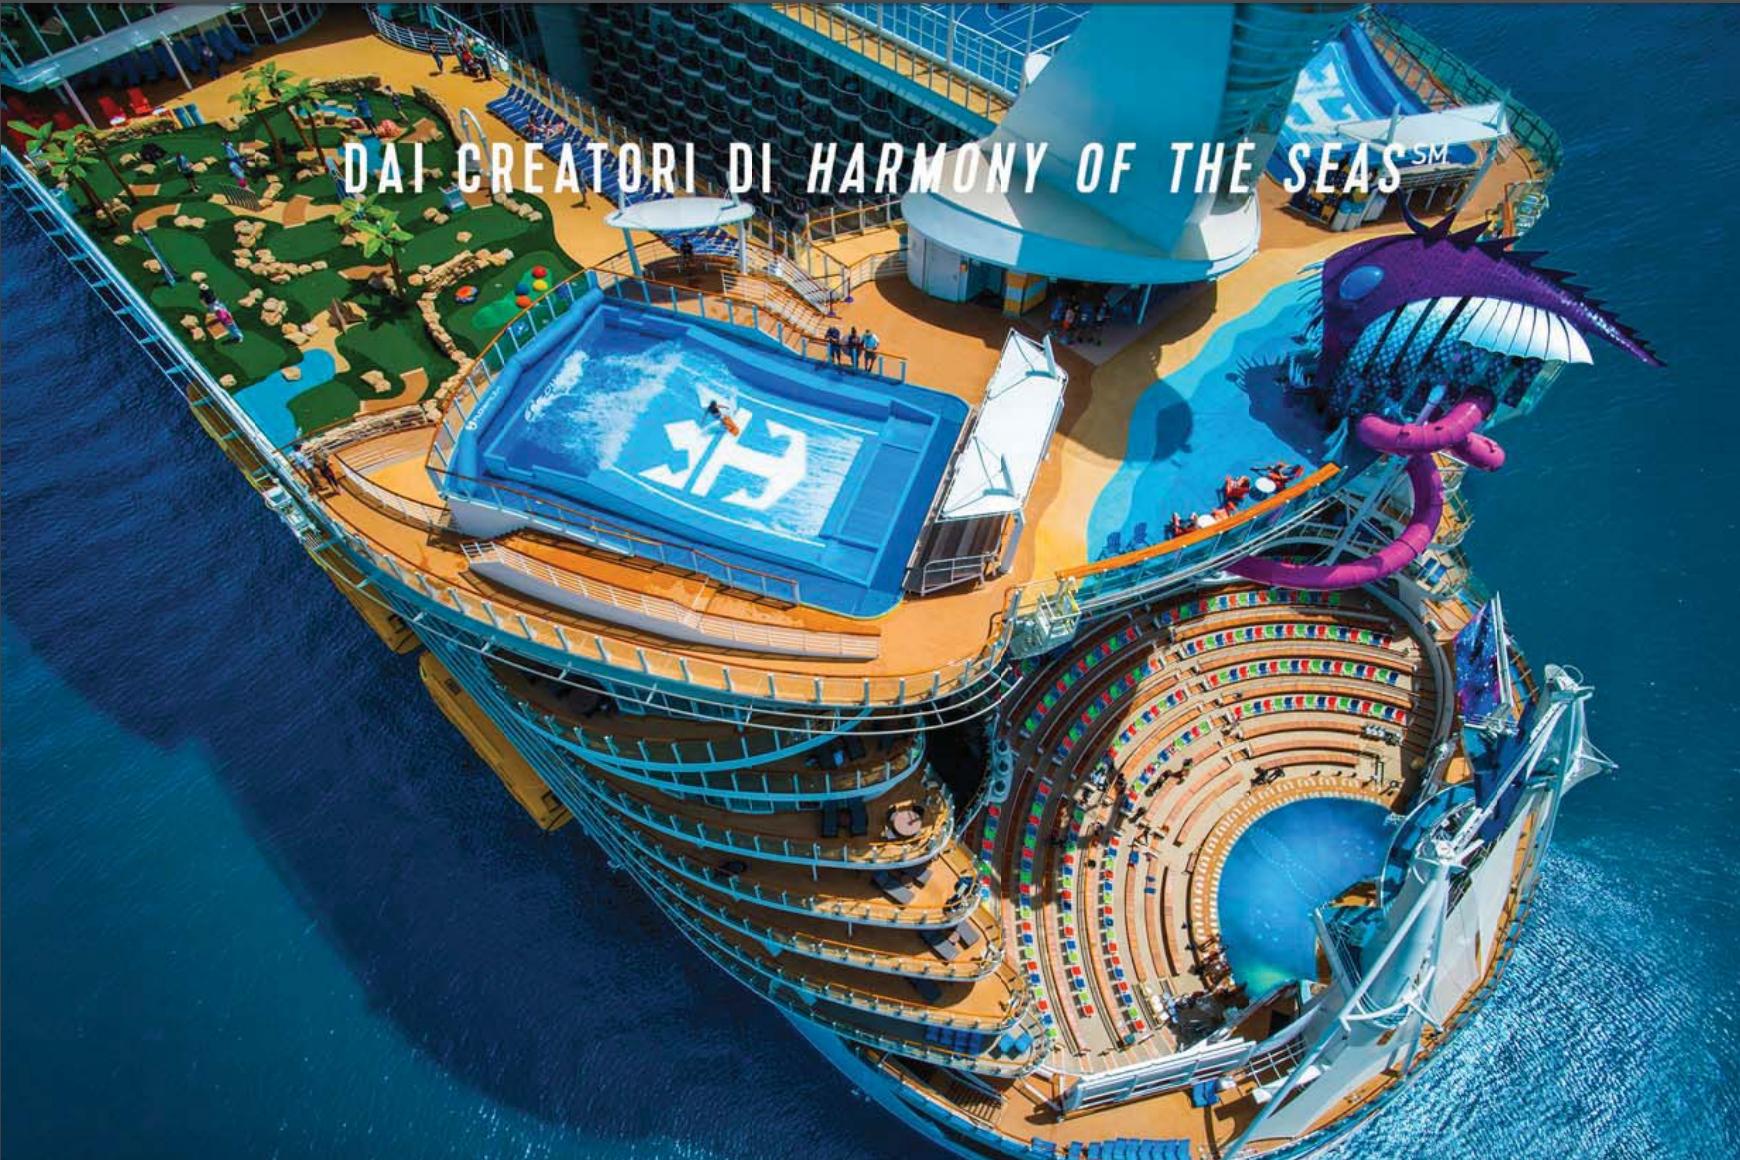 Symphony of the seas la nuova nave pi grande del mondo for Foto meravigliose del mondo